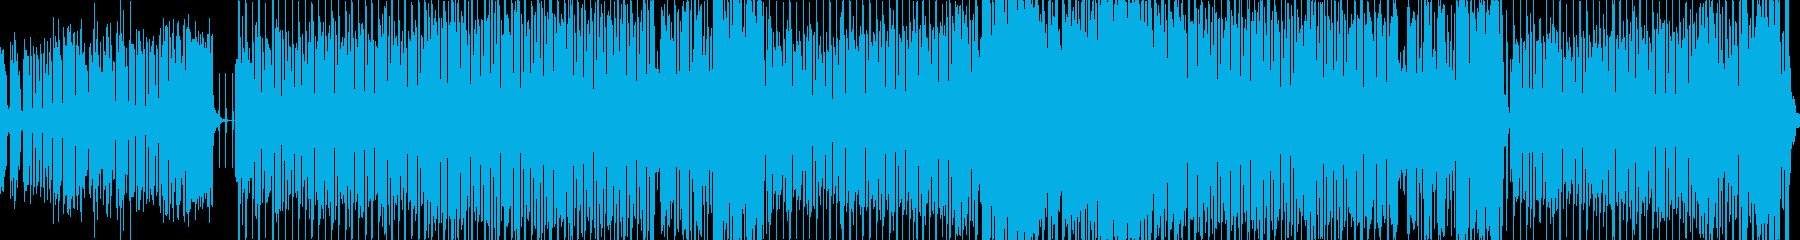 ウィリアム・テル/ポップアレンジの再生済みの波形